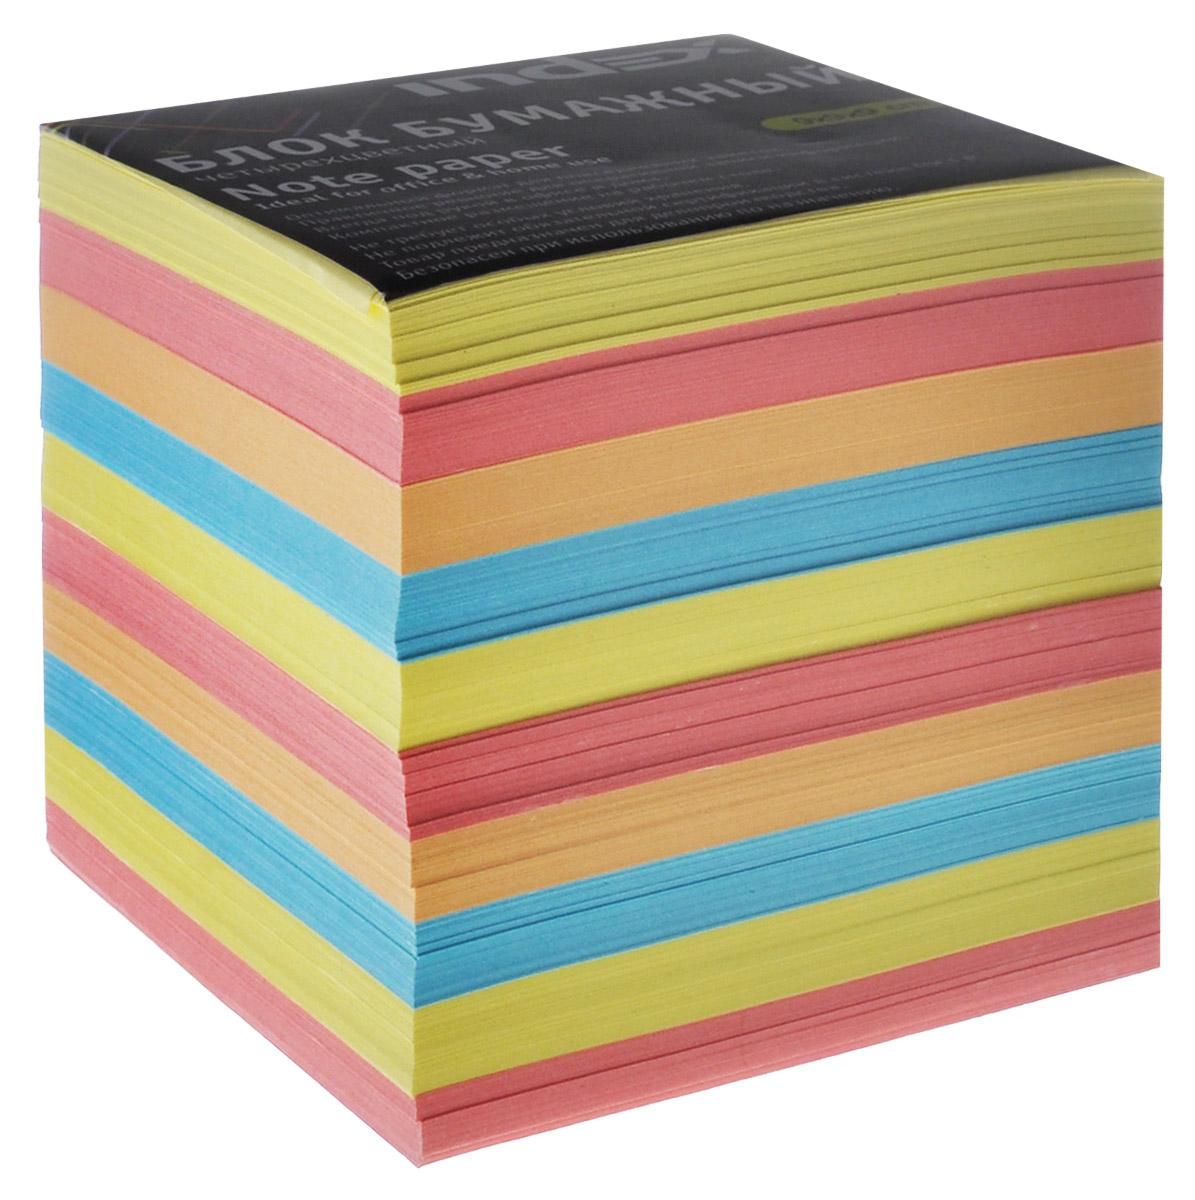 Index Блок для записей многоцветный, цвет: желтый, розовый, голубой цена